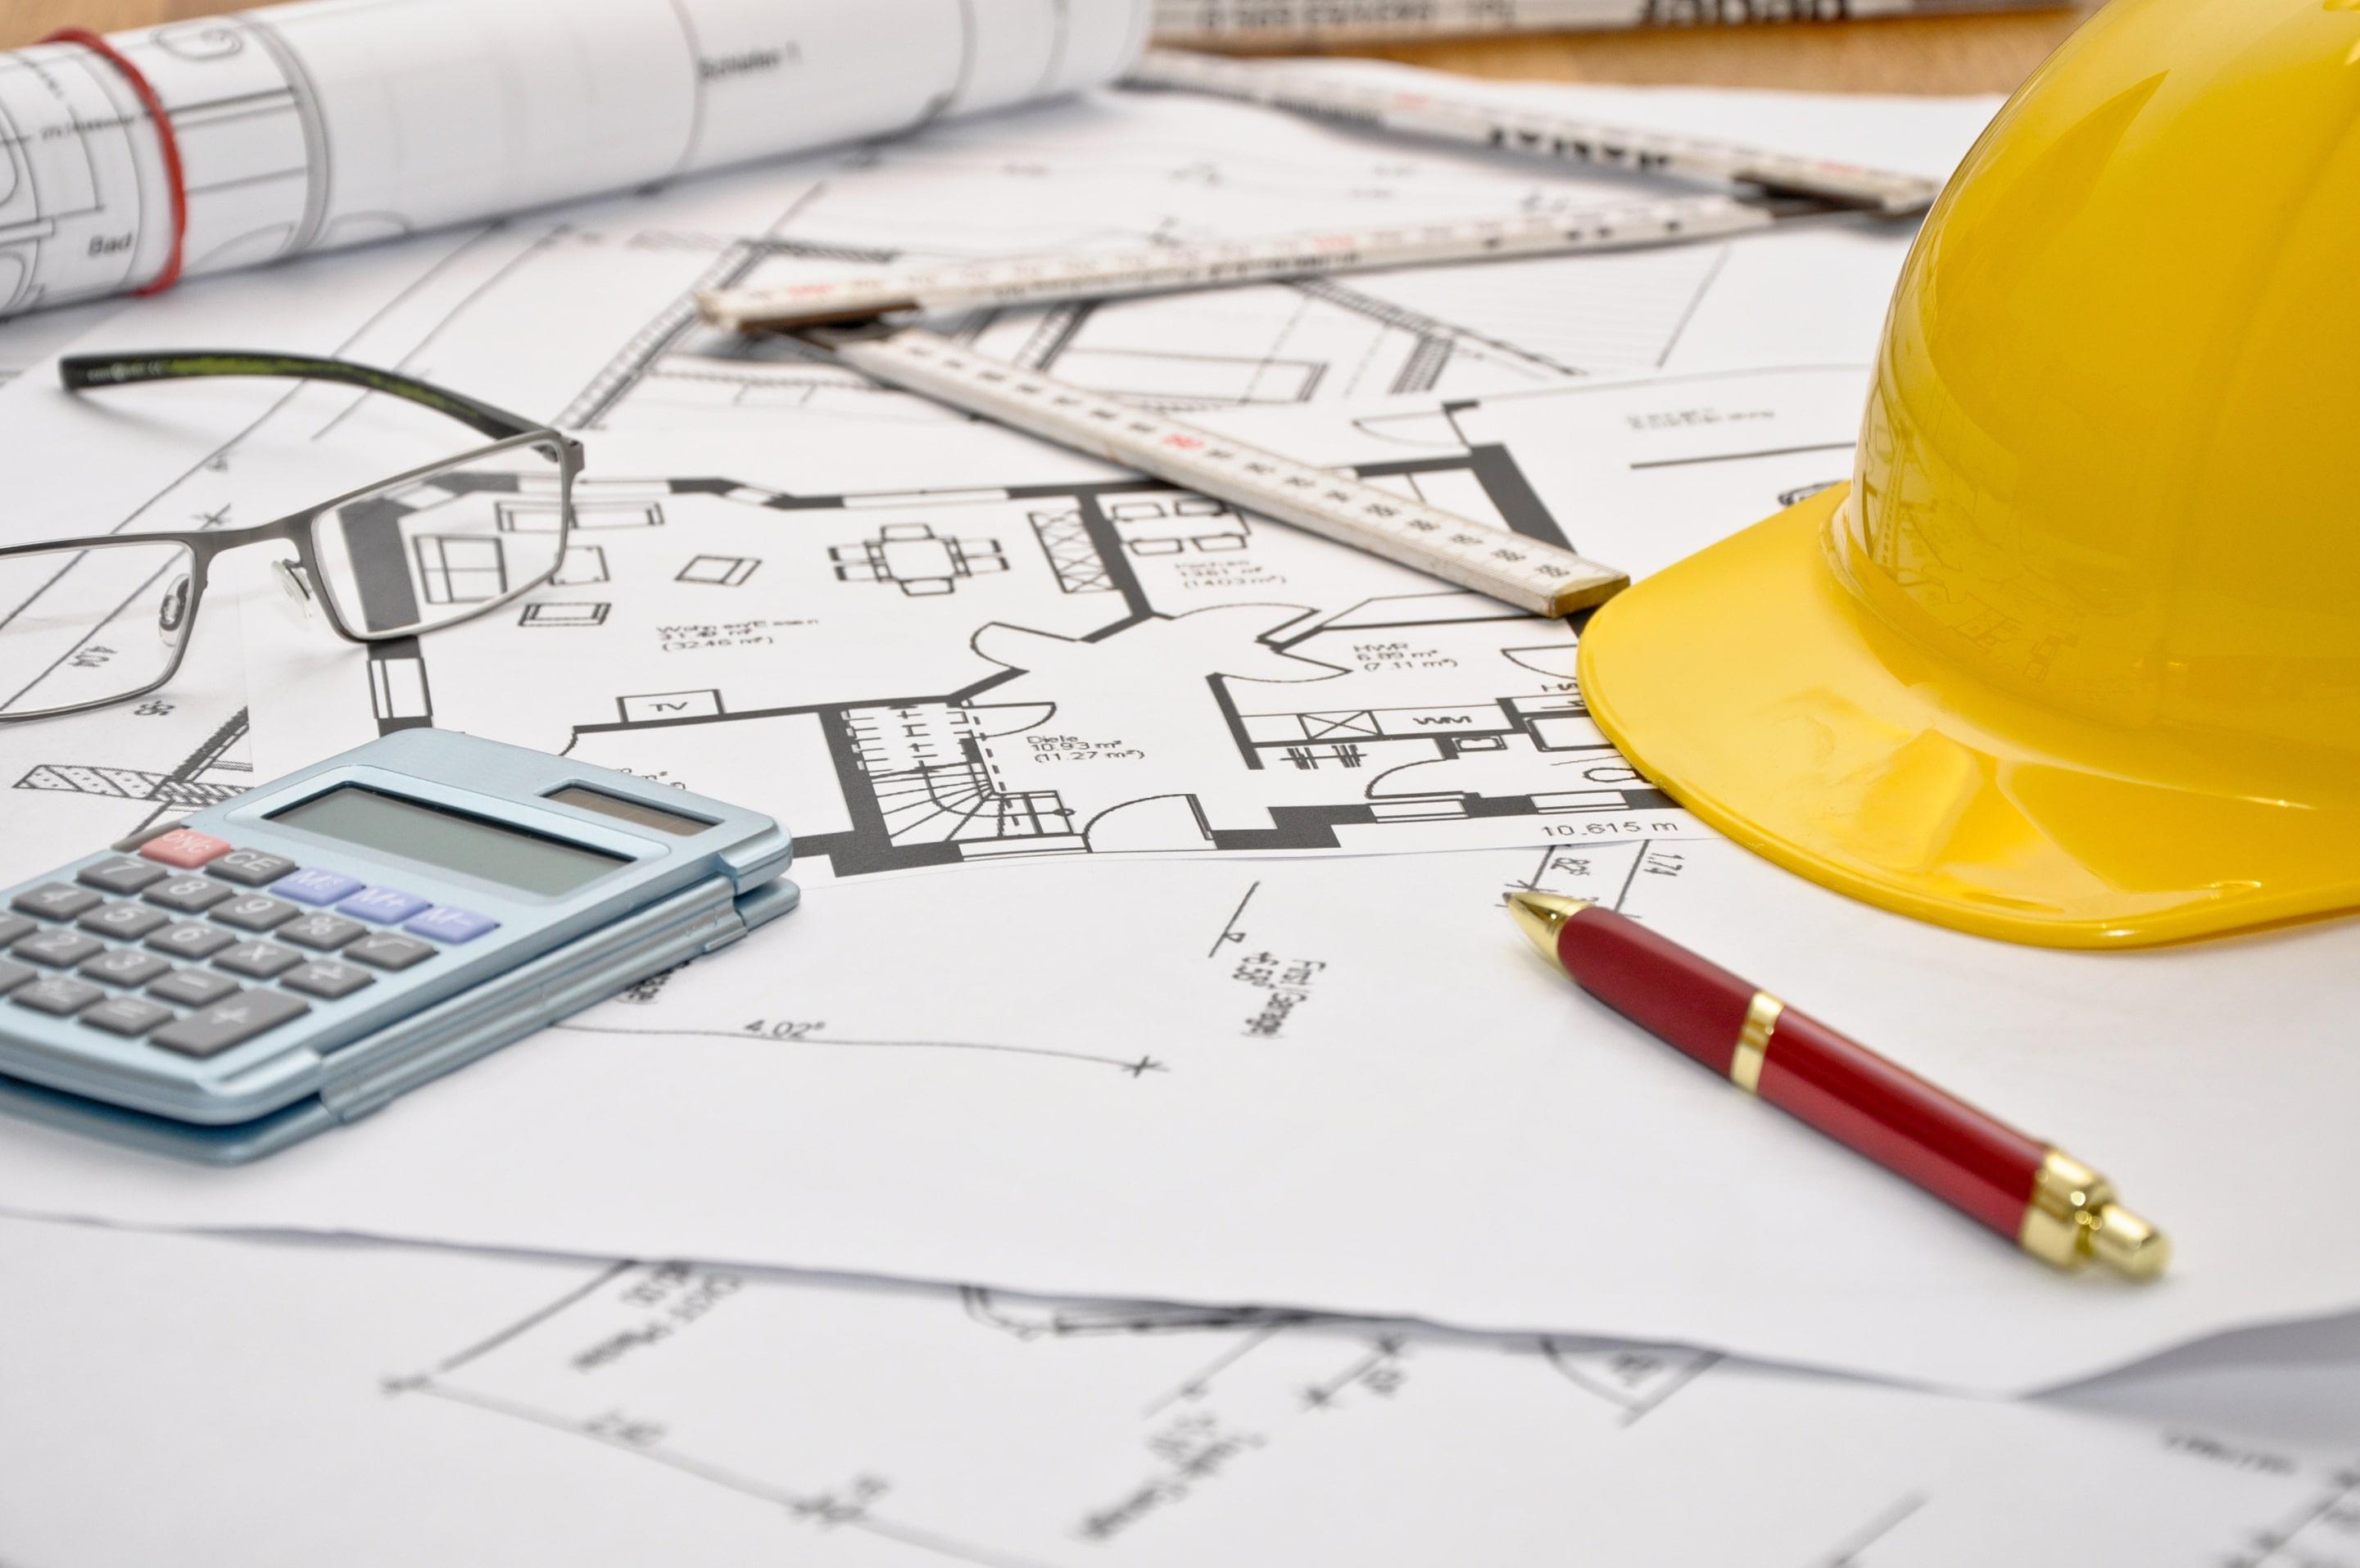 La Garantie Décennale Et La Garantie Biennale Sont Deux Assurances Du  Bâtiment, Notamment Indispensables Lors De La Construction Du0027une Maison  Neuve.